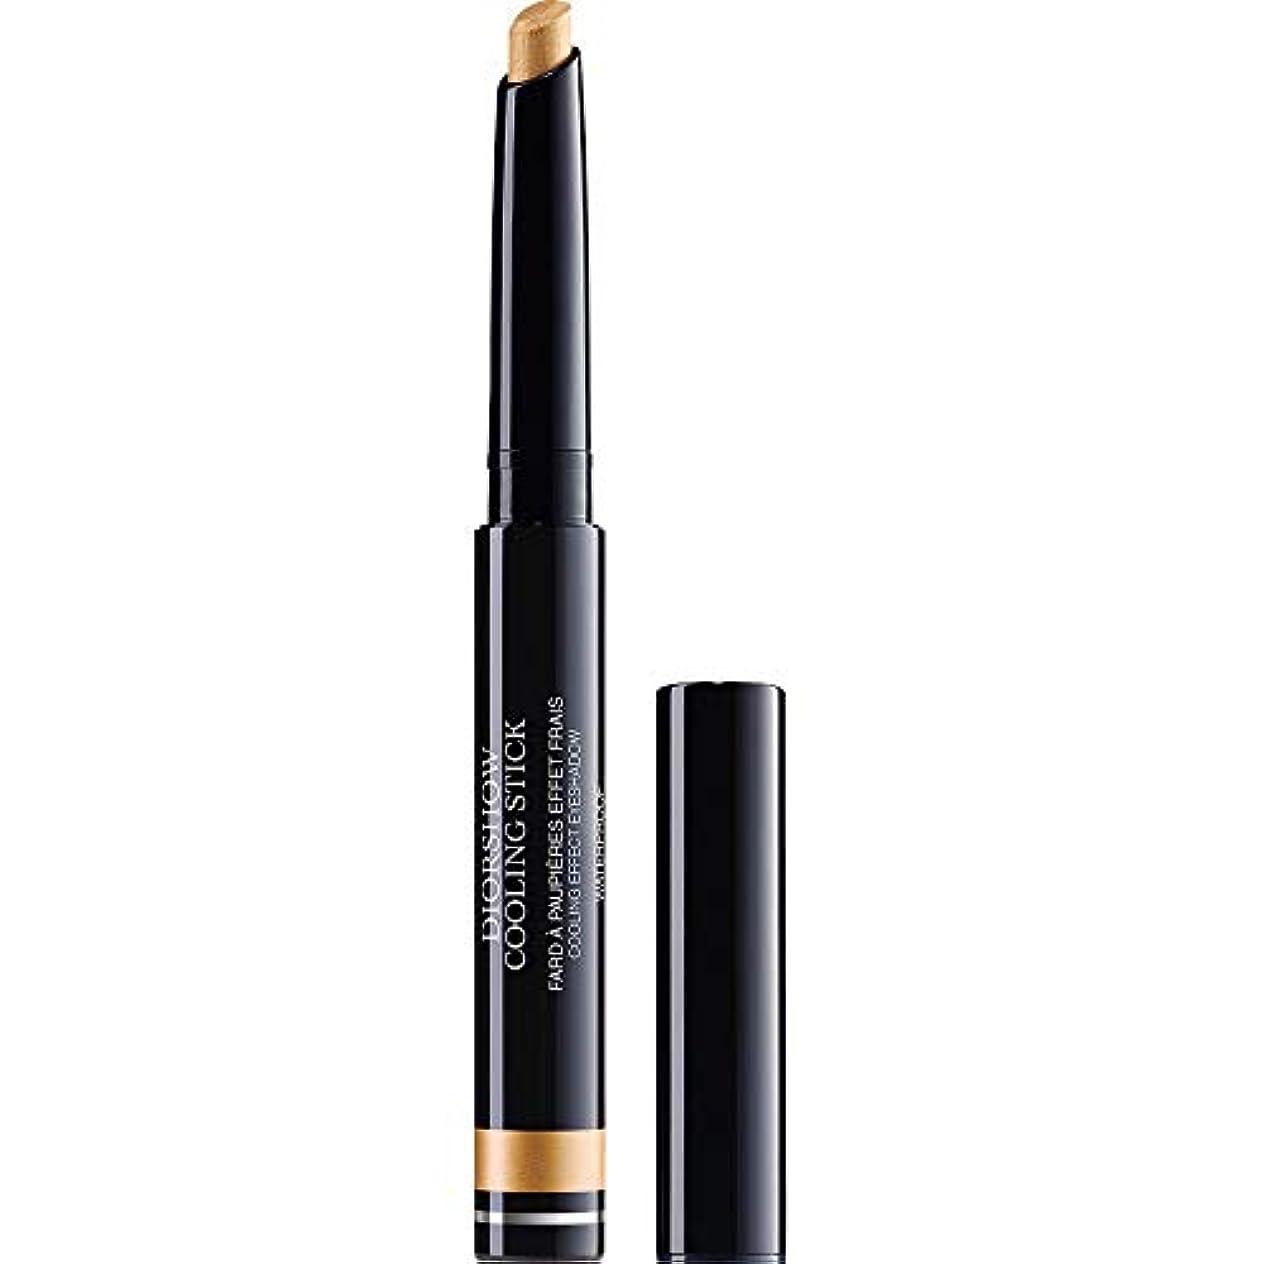 労苦病者課す[Dior ] ディオールDiorshow冷却スティックアイシャドウ1.6グラム002 - 金スプラッシュ - DIOR Diorshow Cooling Stick Eyeshadow 1.6g 002 - Gold...